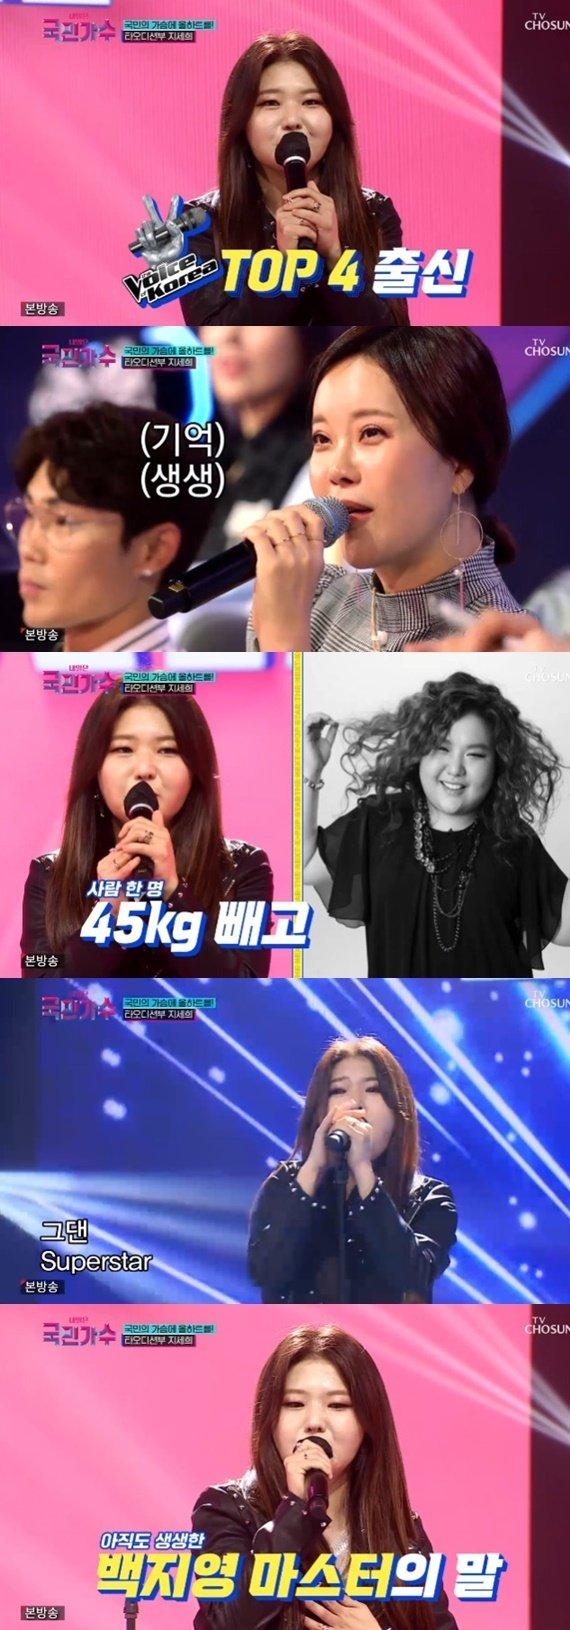 '보코' TOP4 지세희, 45㎏ 감량→'국민가수'서 백지영과 재회